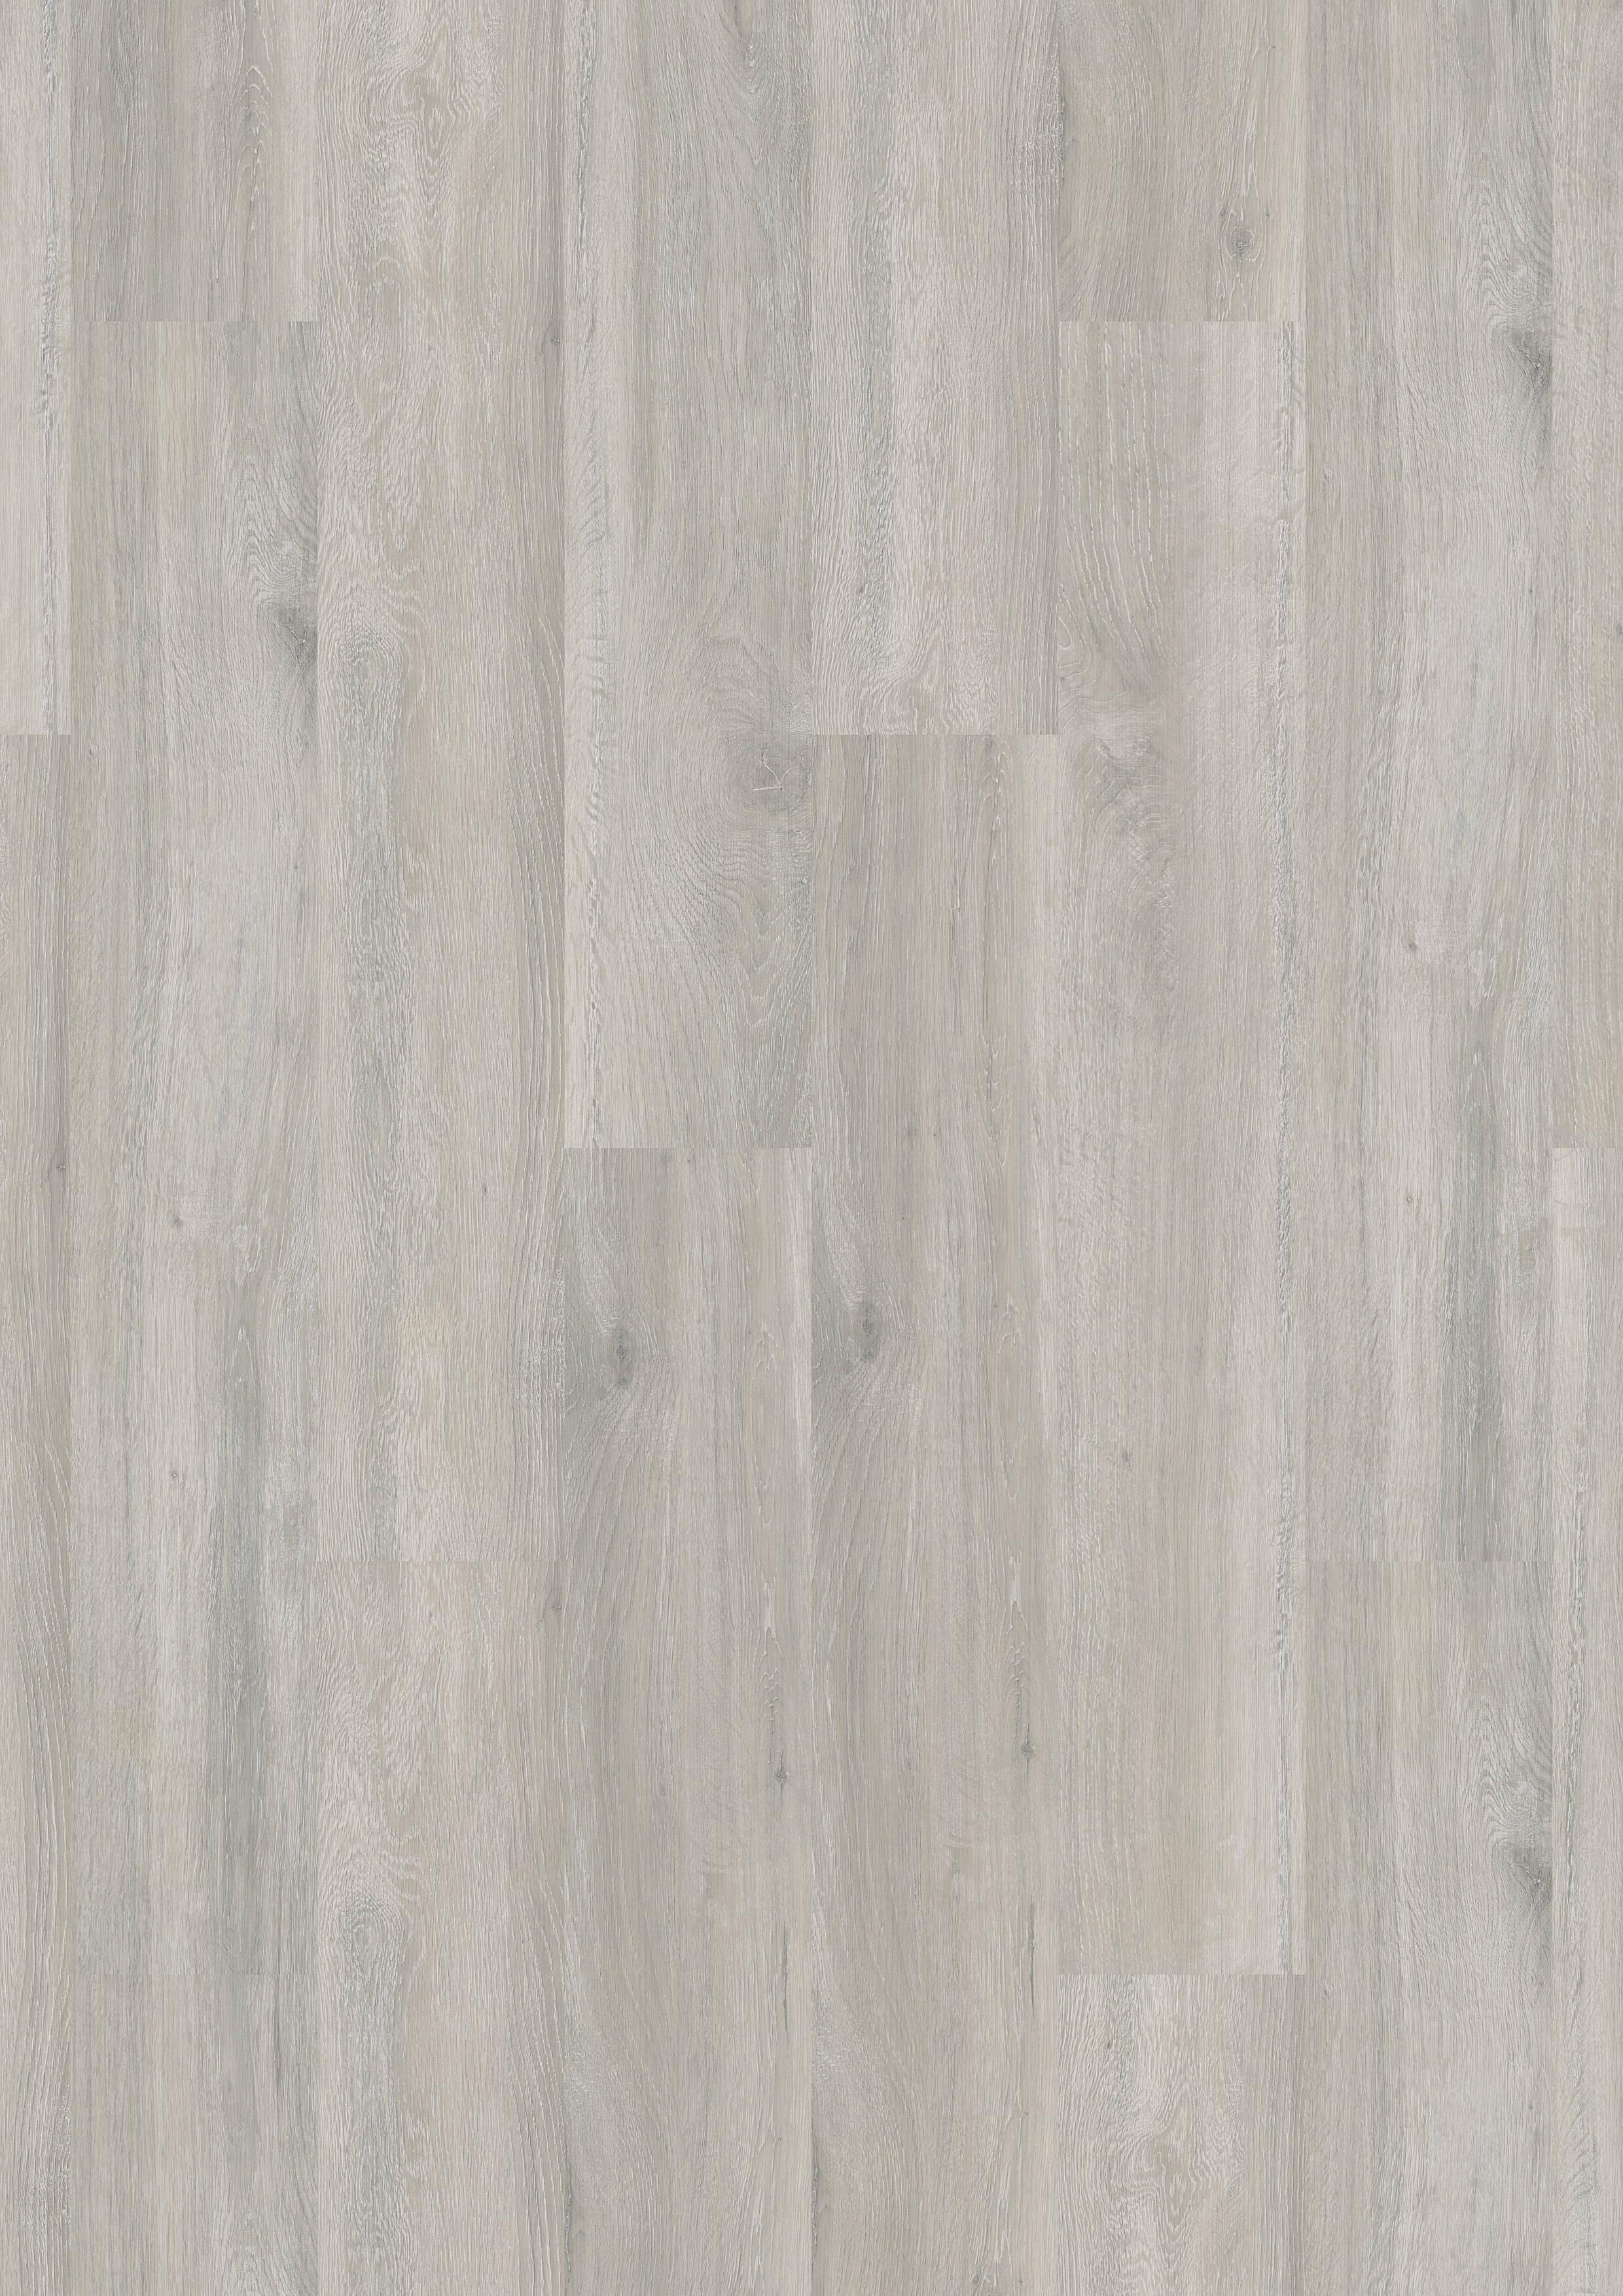 JOKA Classic MADISON 331 Laminat 3016 - Oak Greyline